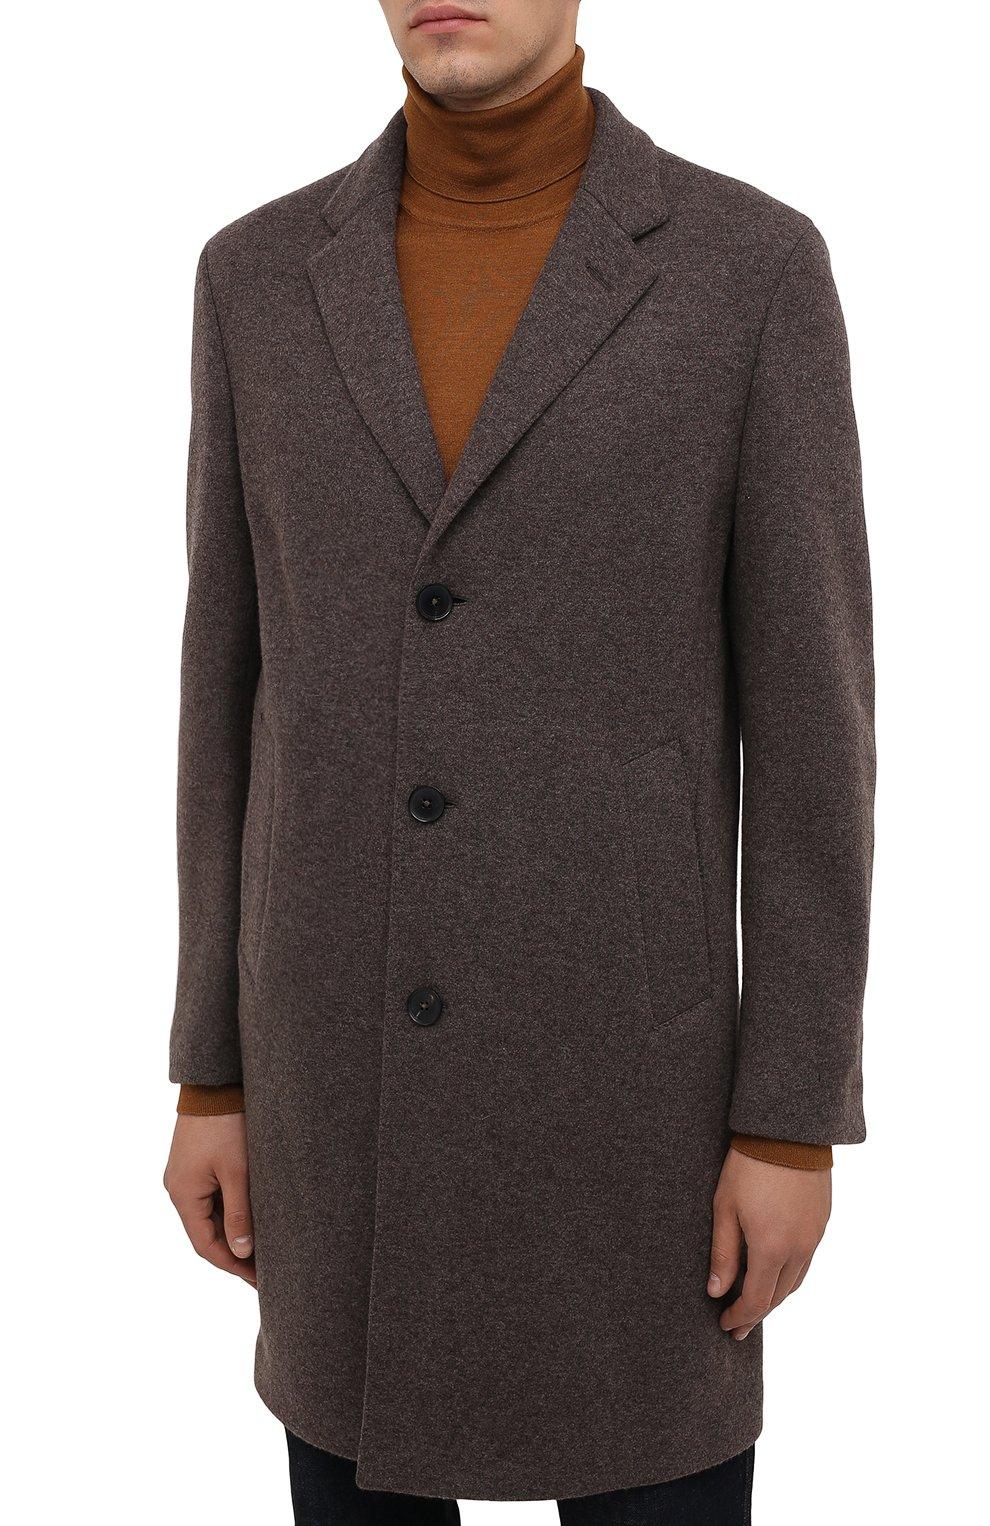 Мужской кашемировое пальто ERMENEGILDO ZEGNA коричневого цвета, арт. 277014/4DB5S0   Фото 3 (Материал внешний: Шерсть, Кашемир; Рукава: Длинные; Длина (верхняя одежда): До середины бедра; Стили: Классический; Мужское Кросс-КТ: пальто-верхняя одежда)